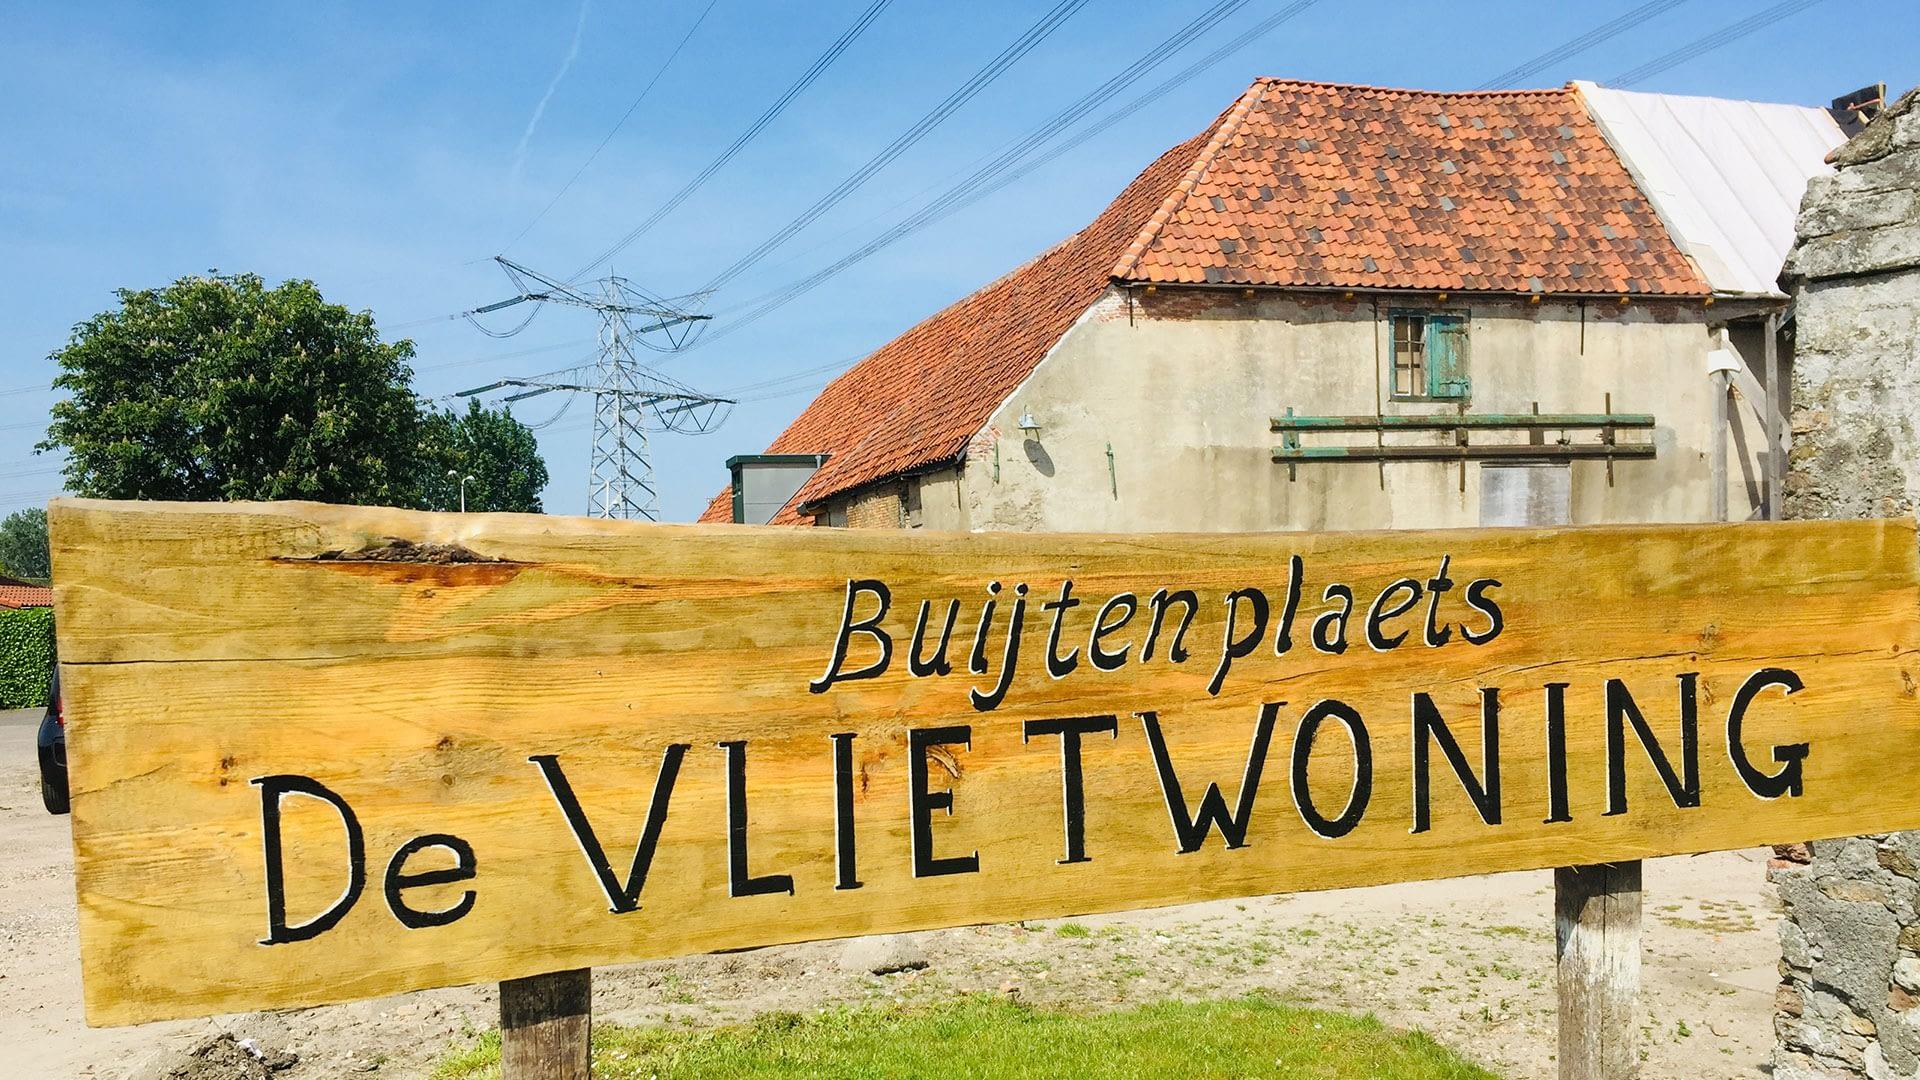 houten bord bij de entree van Buijtenplaets de Vlietwoning in het Westland